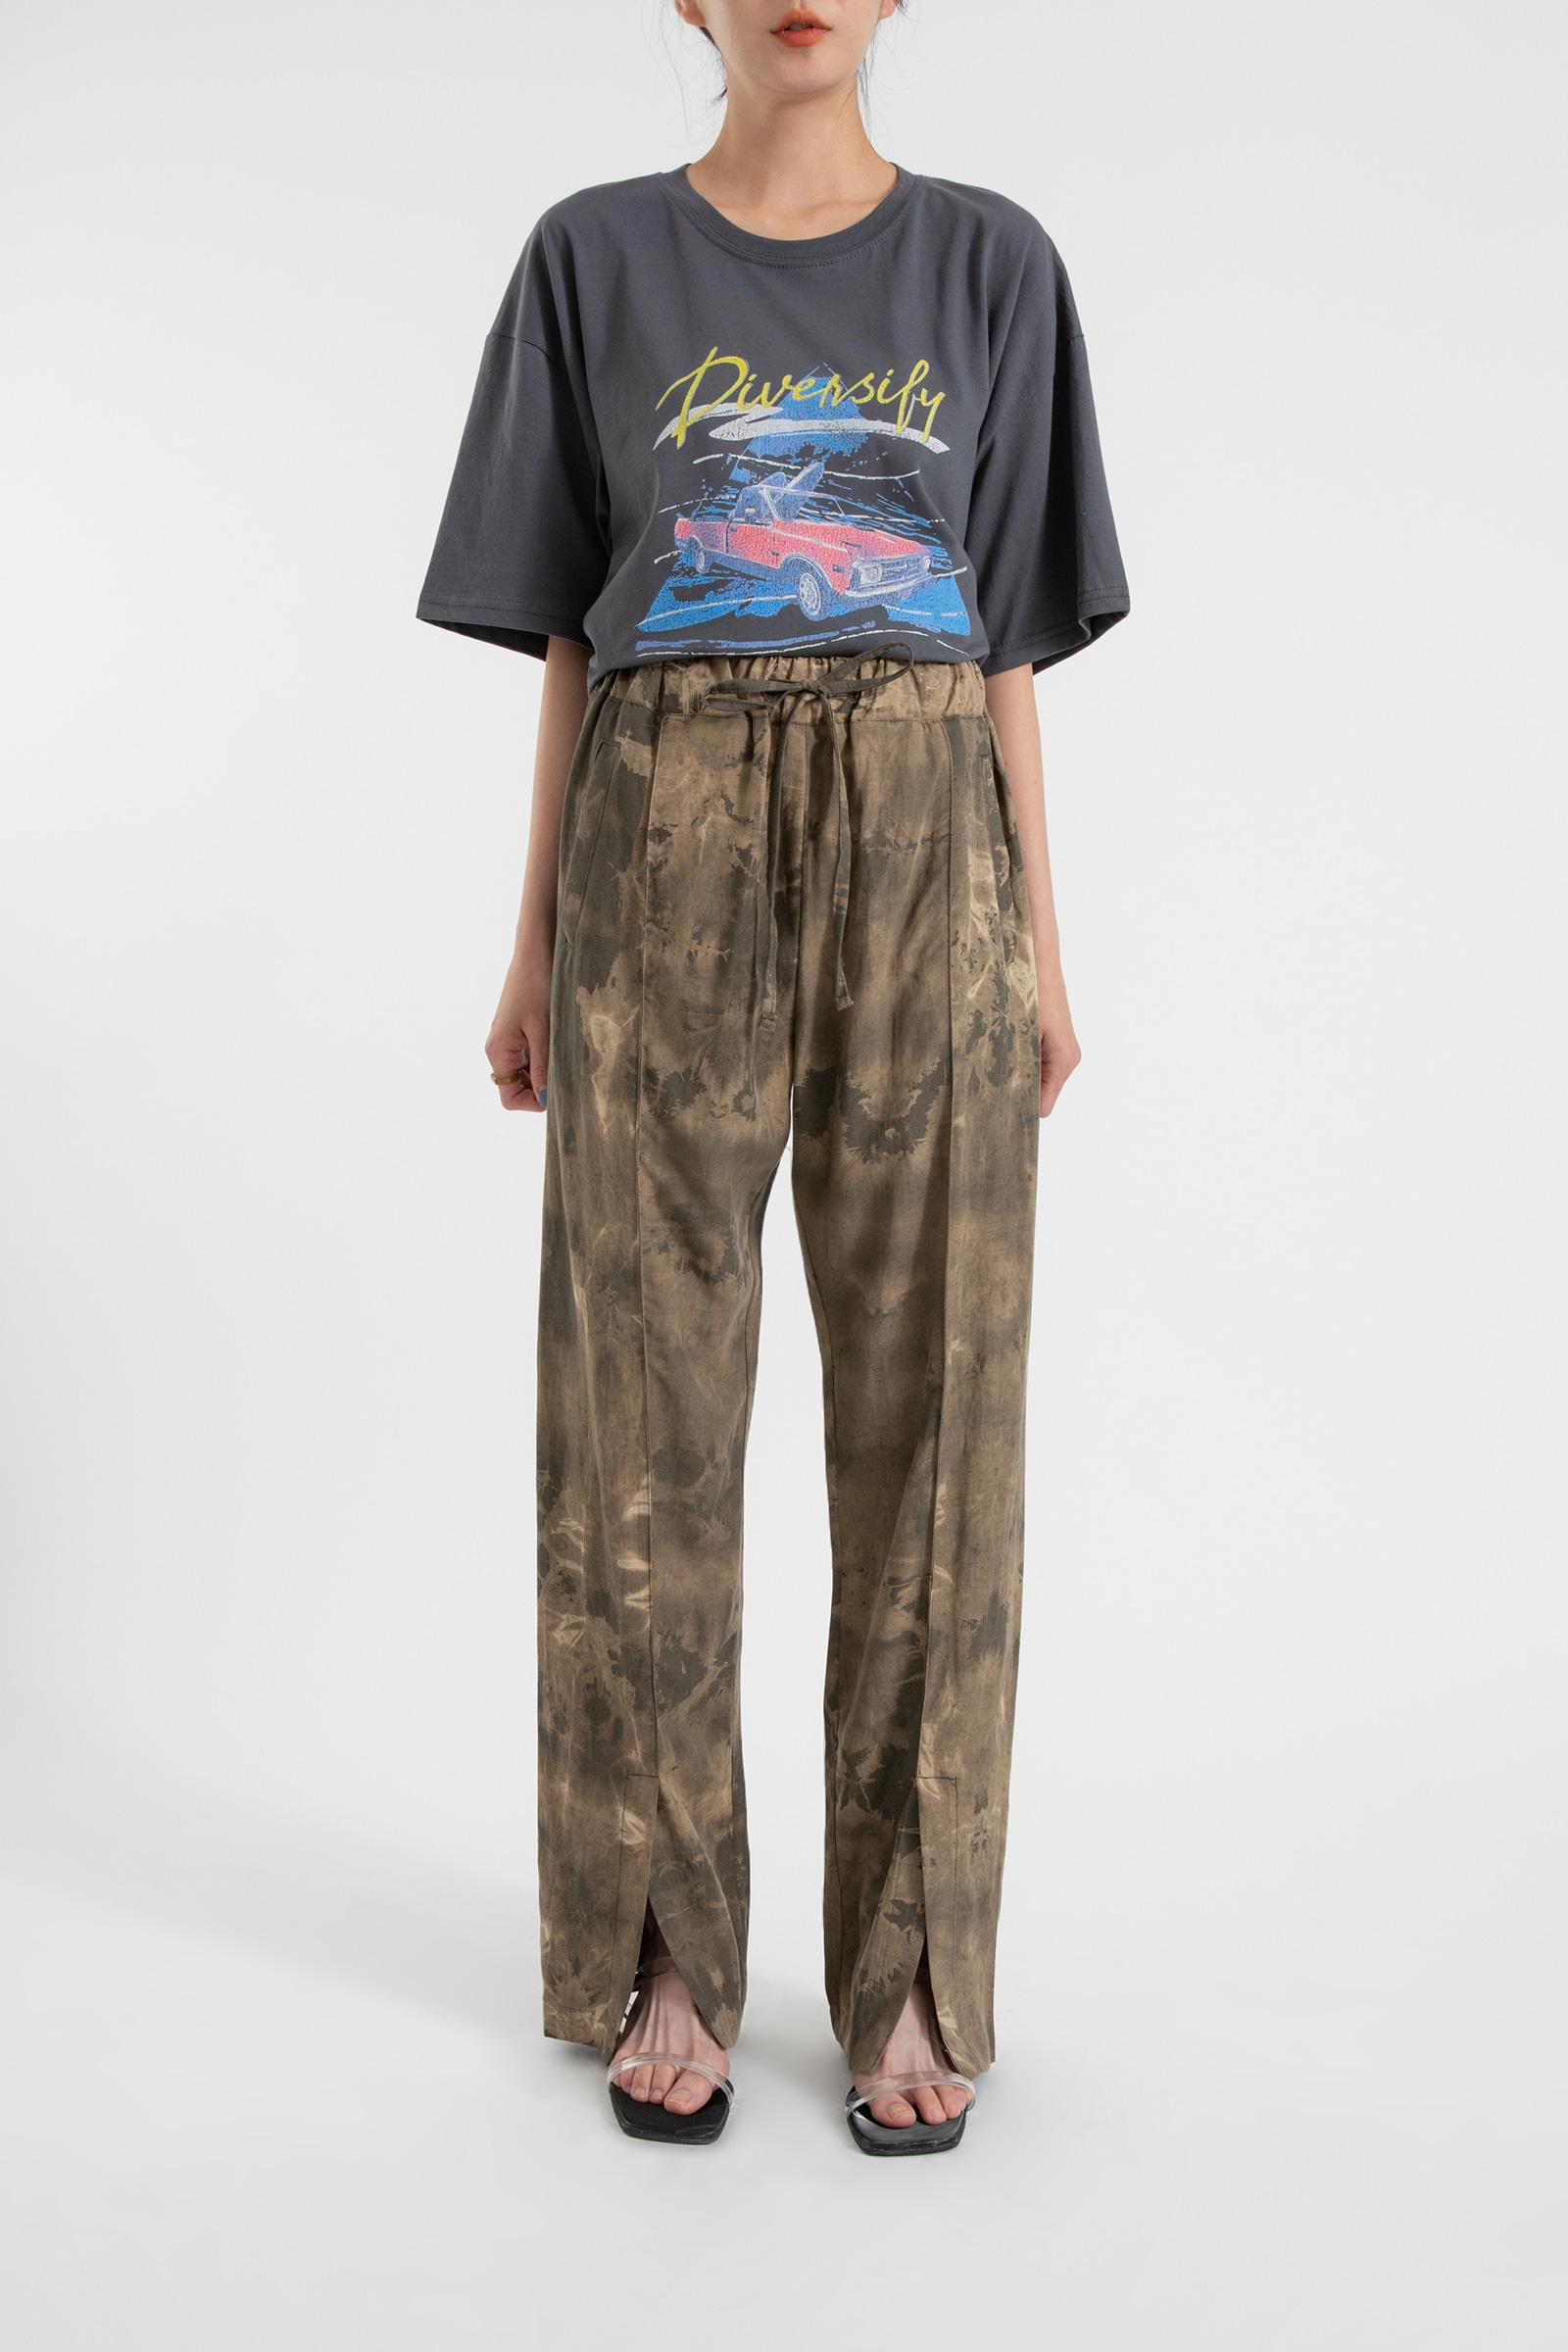 Wild slit tie-dye linen trousers